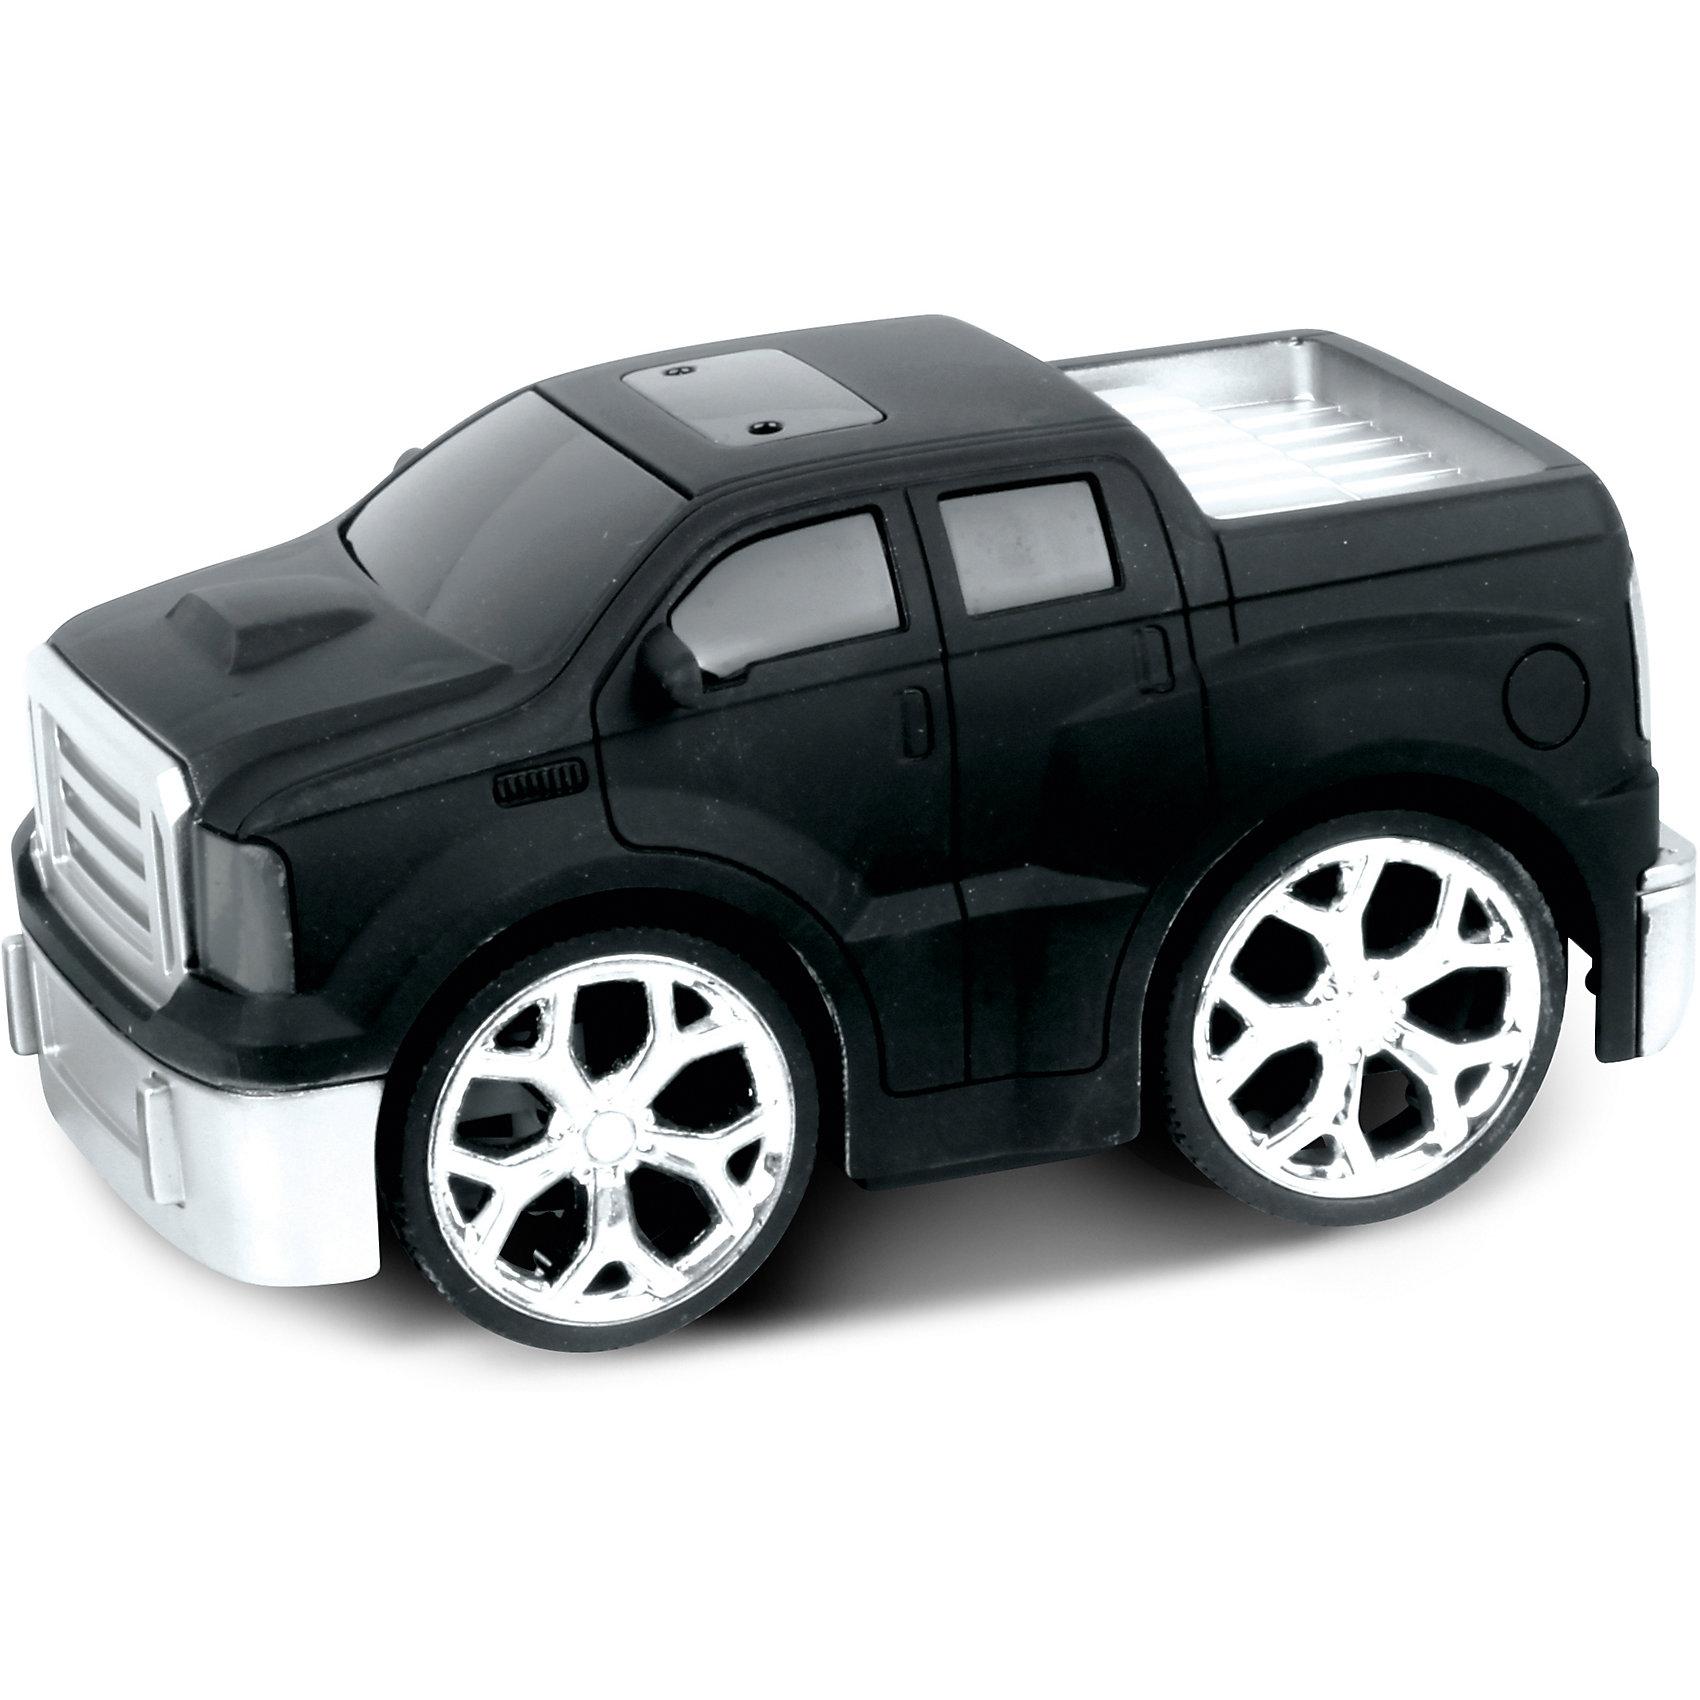 Машинка на радиоуправлении Racing Car, черная, Blue SeaРадиоуправляемый транспорт<br>Машинка на радиоуправлении Racing Car, черная, Blue Sea(Блу Сии).<br><br>Характеристики:<br><br>- Цвет: черный.<br>- Состав: пластик, металл.<br>- Радиоуправляемая игрушка.<br>- В комплекте: машинка, пульт управления.<br><br>Внимание: элементы питания в комплект не входят!<br><br>Машинка на радиоуправлении Police Car, черная – это один из представителей яркой серии машинок Mini Car от бренда Blue Sea (Блу Сии). Она проста в управлении, двигается вперед, назад, влево и вправо. Для того, чтобы начать играть, достаточно просто докупить элементы питания для машинки и пульта управления. Вашему малышу обязательно понравятся простота управления и необычный дизайн в виде пикапа.<br><br>Машинку на радиоуправлении Racing Car, черная, Blue Sea (Блу Сии), можно купить в нашем интернет – магазине.<br><br>Ширина мм: 210<br>Глубина мм: 110<br>Высота мм: 110<br>Вес г: 300<br>Возраст от месяцев: 36<br>Возраст до месяцев: 2147483647<br>Пол: Мужской<br>Возраст: Детский<br>SKU: 5419375